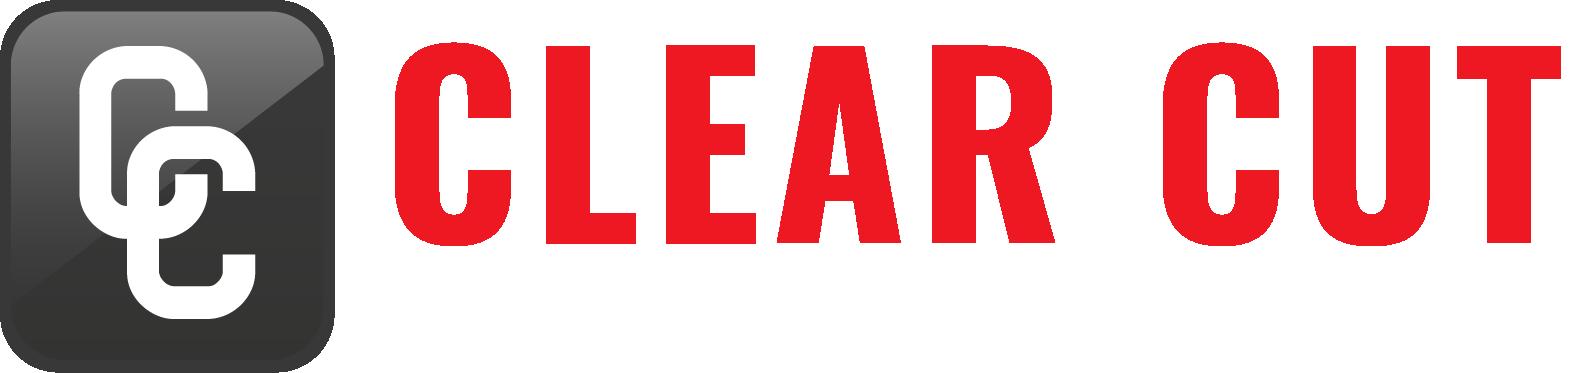 CNC clearcut logo